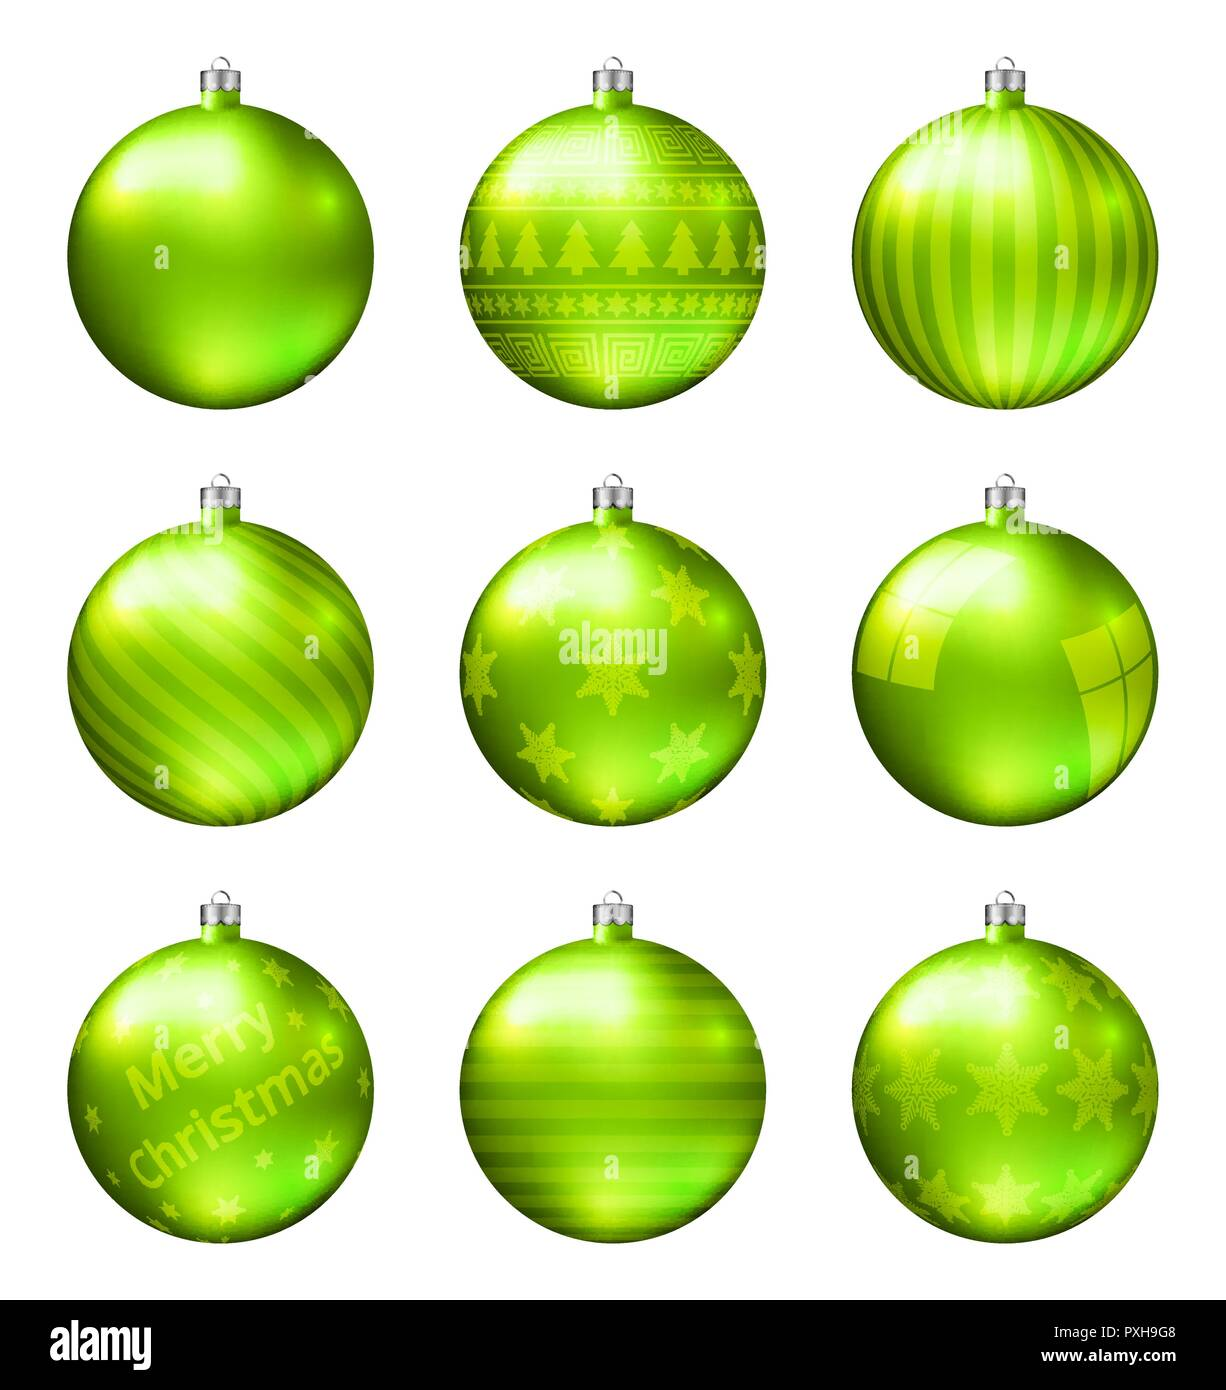 Christbaumkugeln Hellgrün.Hellgrün Weihnachten Kugeln Auf Weißem Hintergrund Fotorealistische